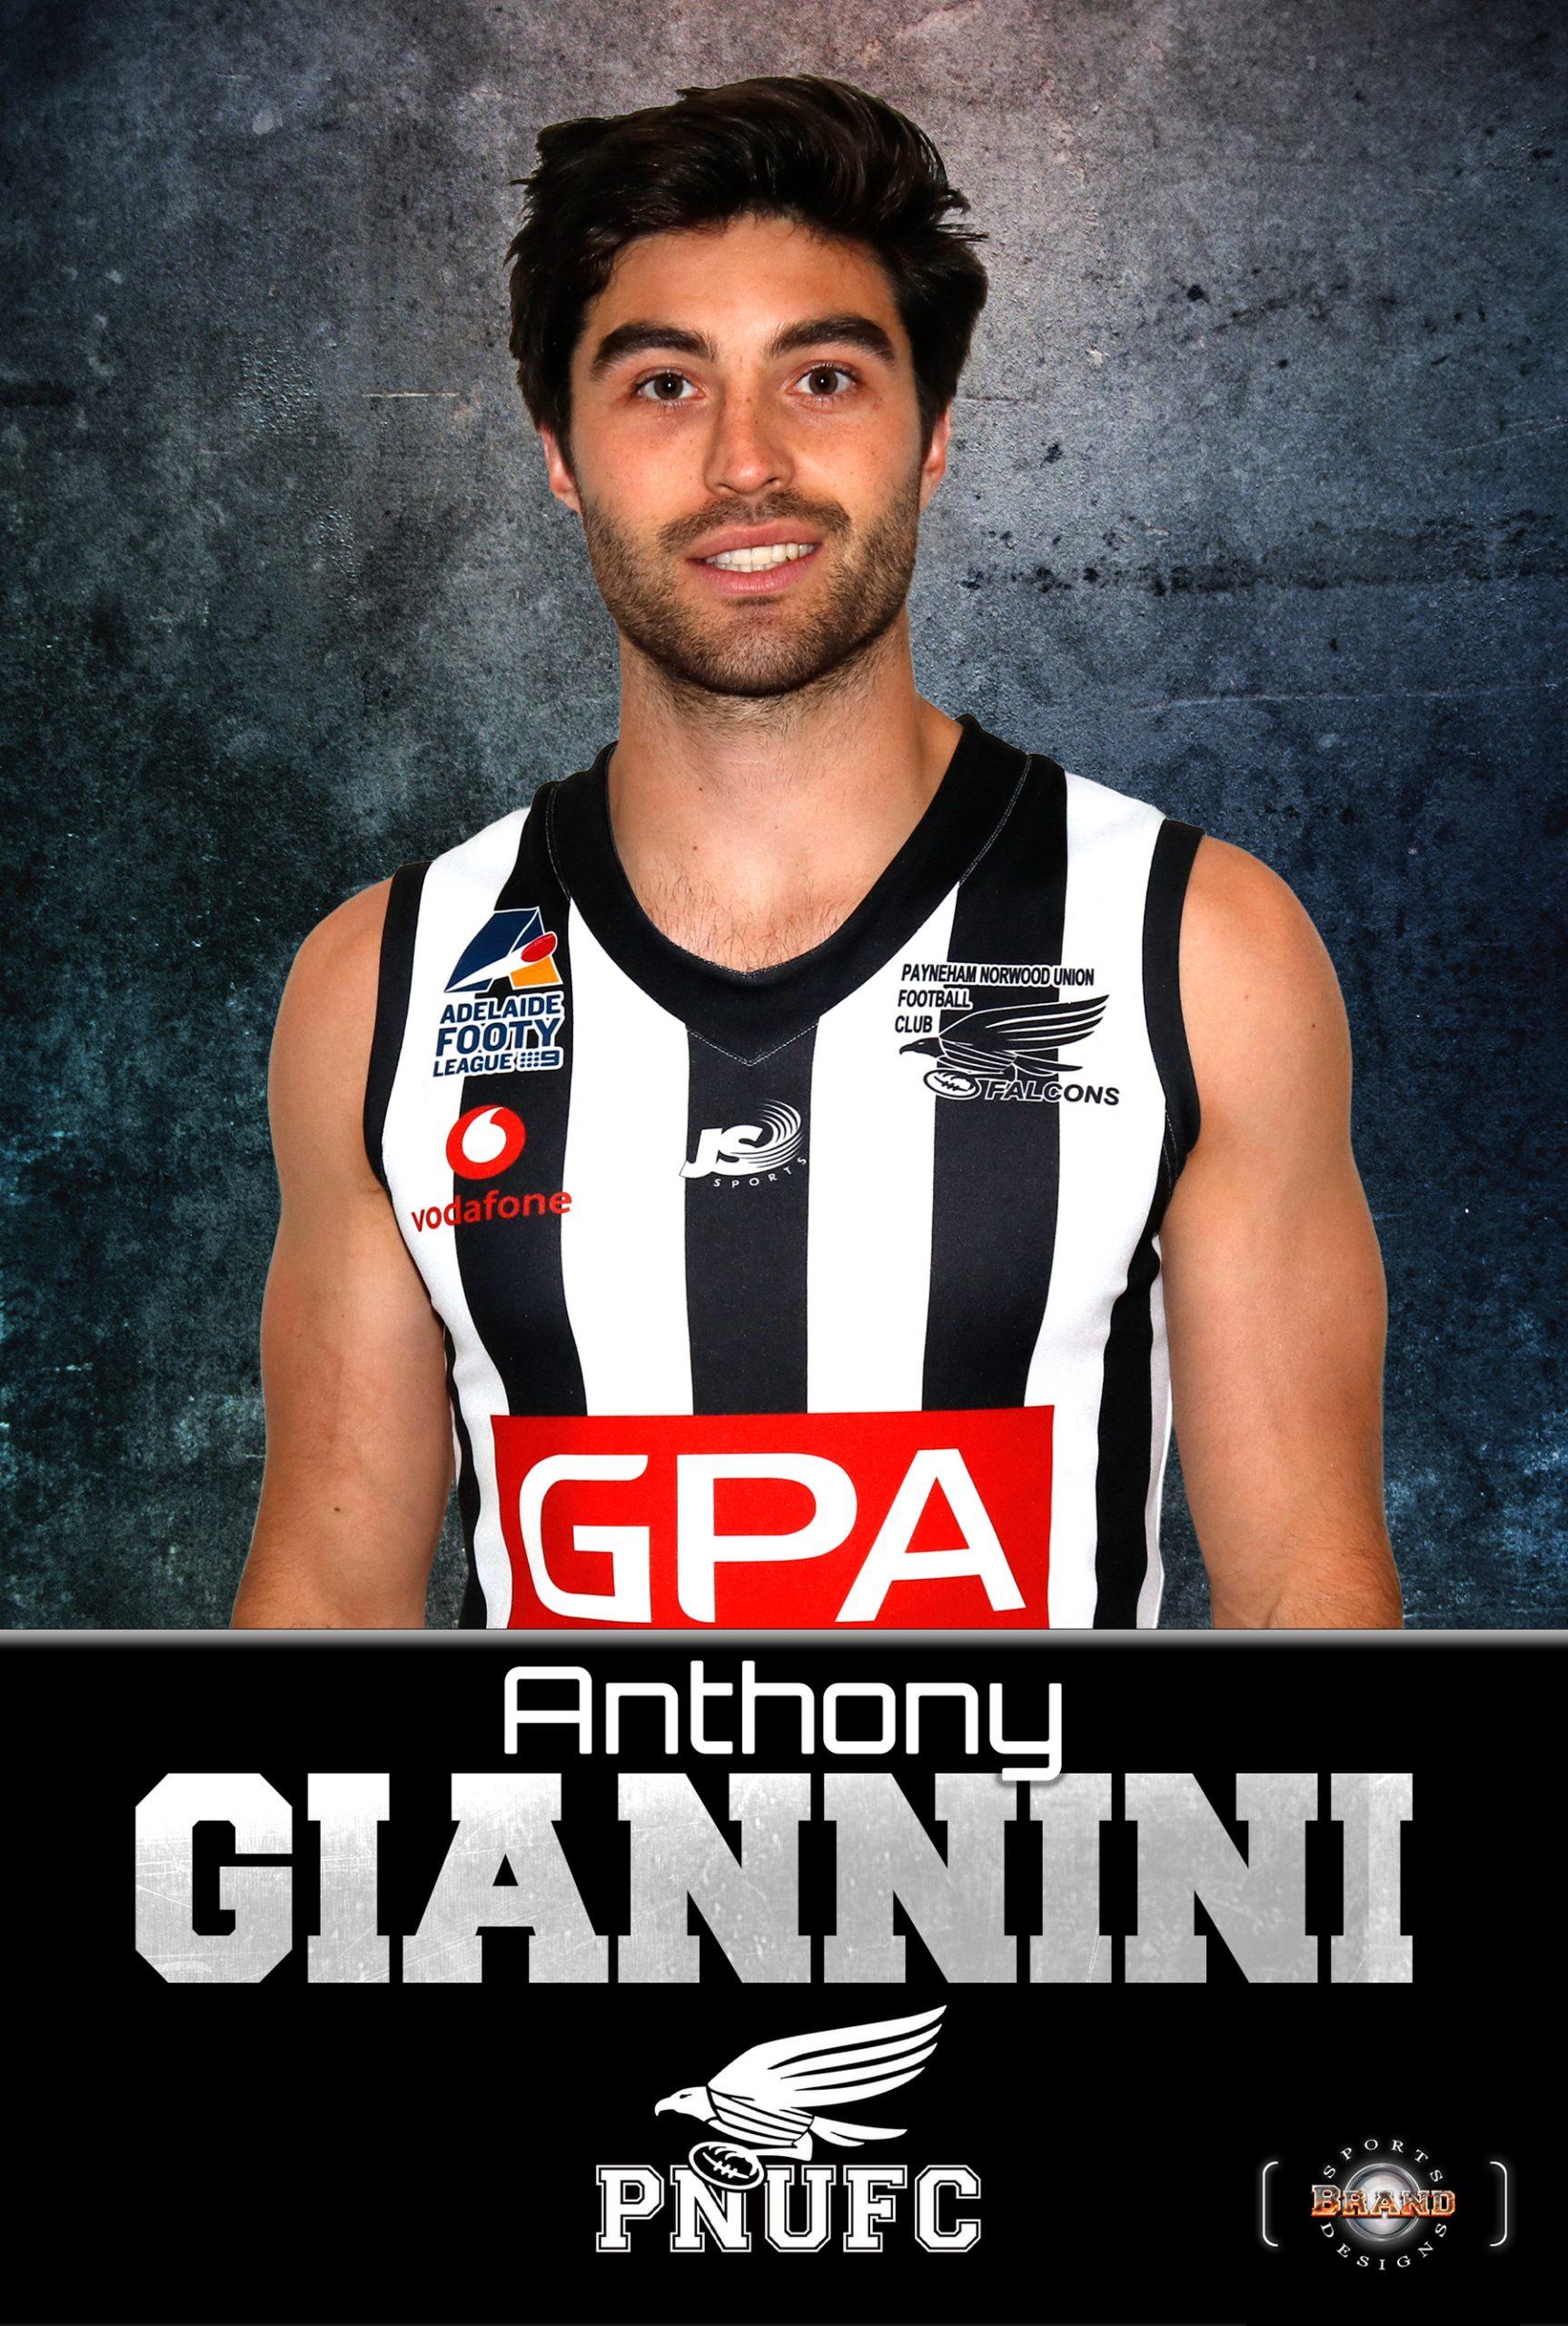 Anthony Giannini